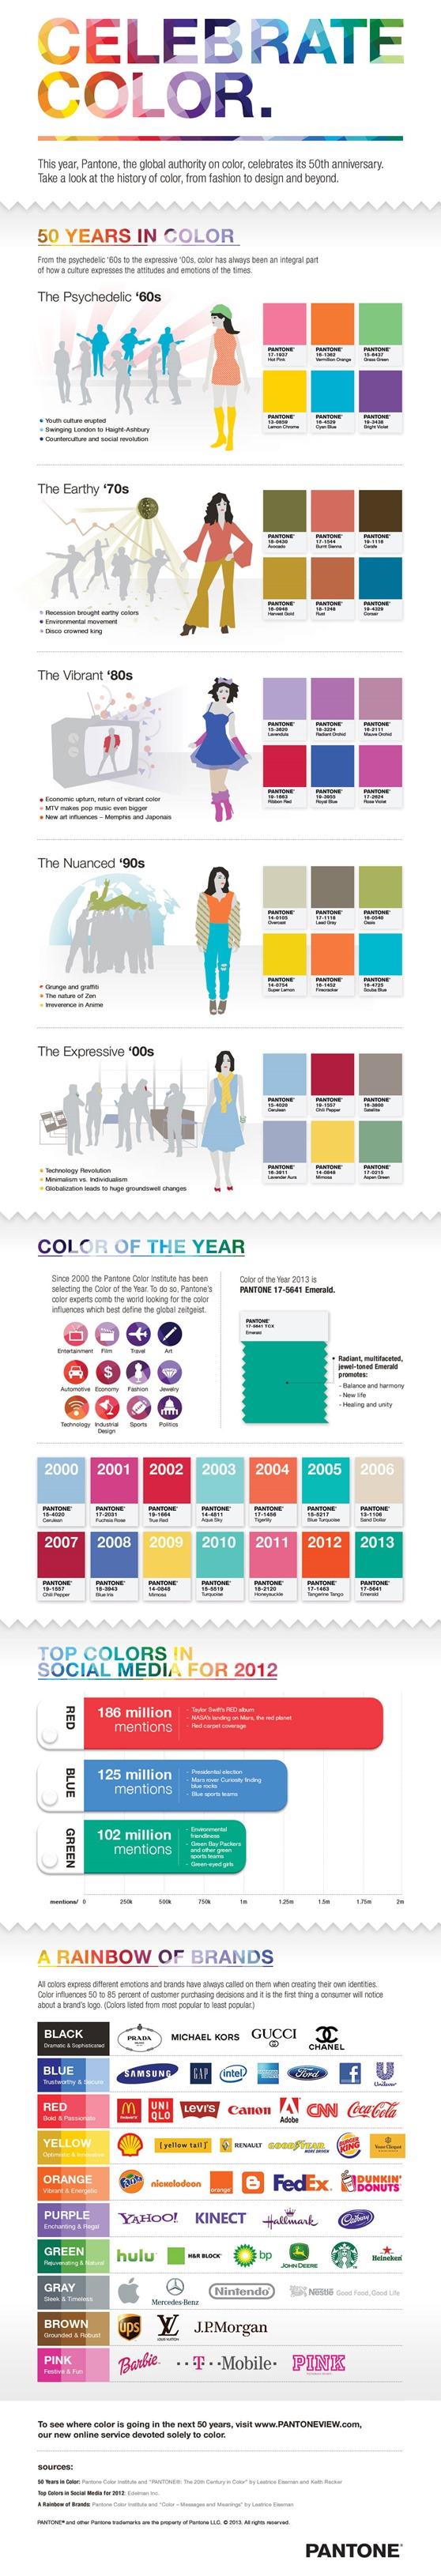 Pantone_Celebrate_Infographic